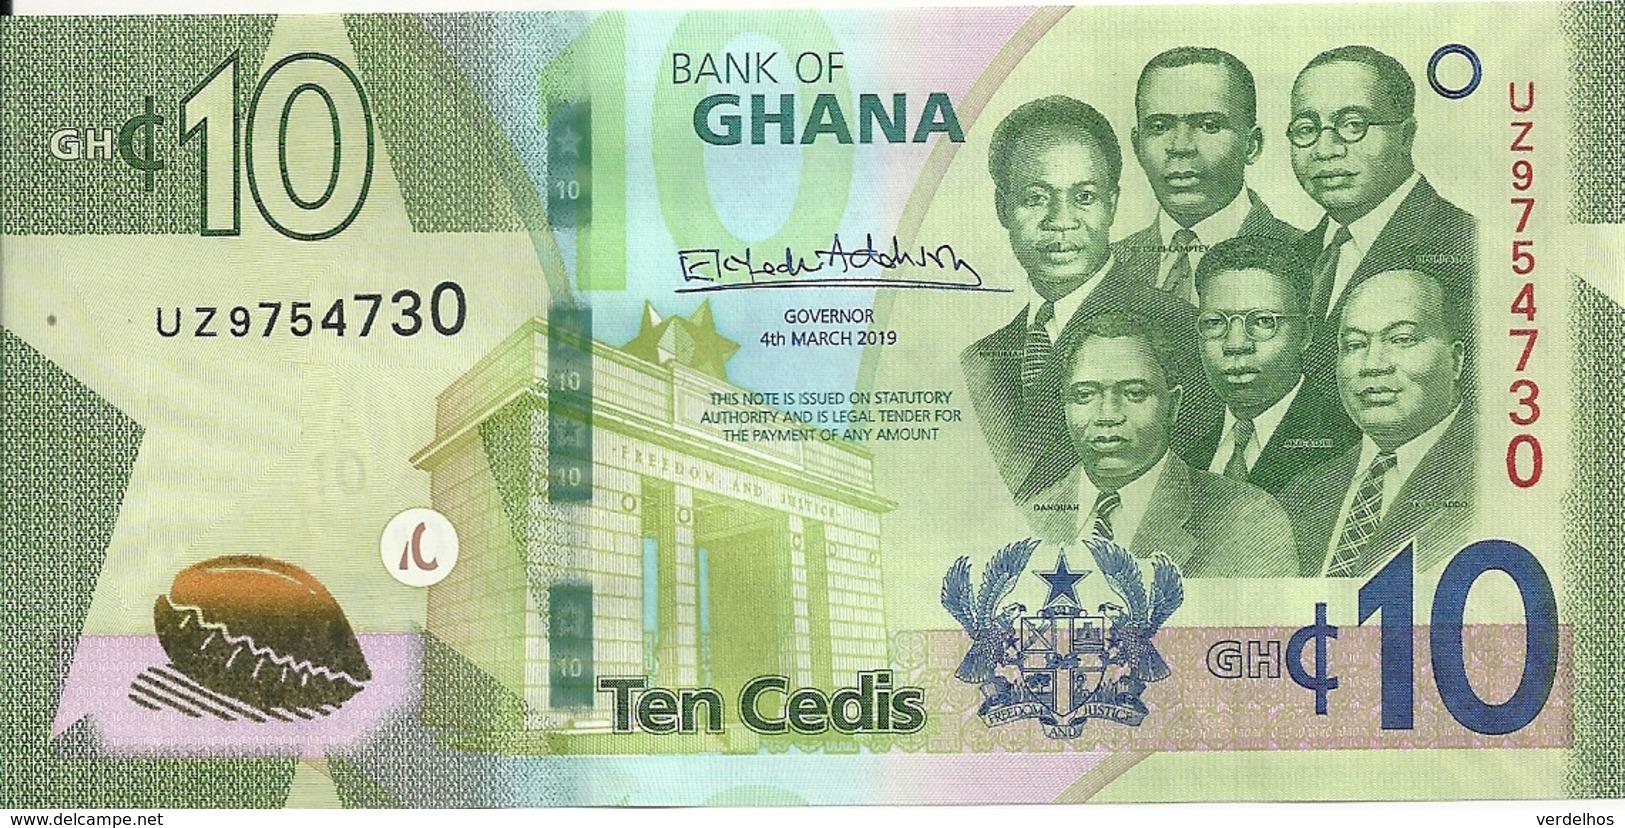 GHANA 10 CEDIS 2019 UNC P New - Ghana